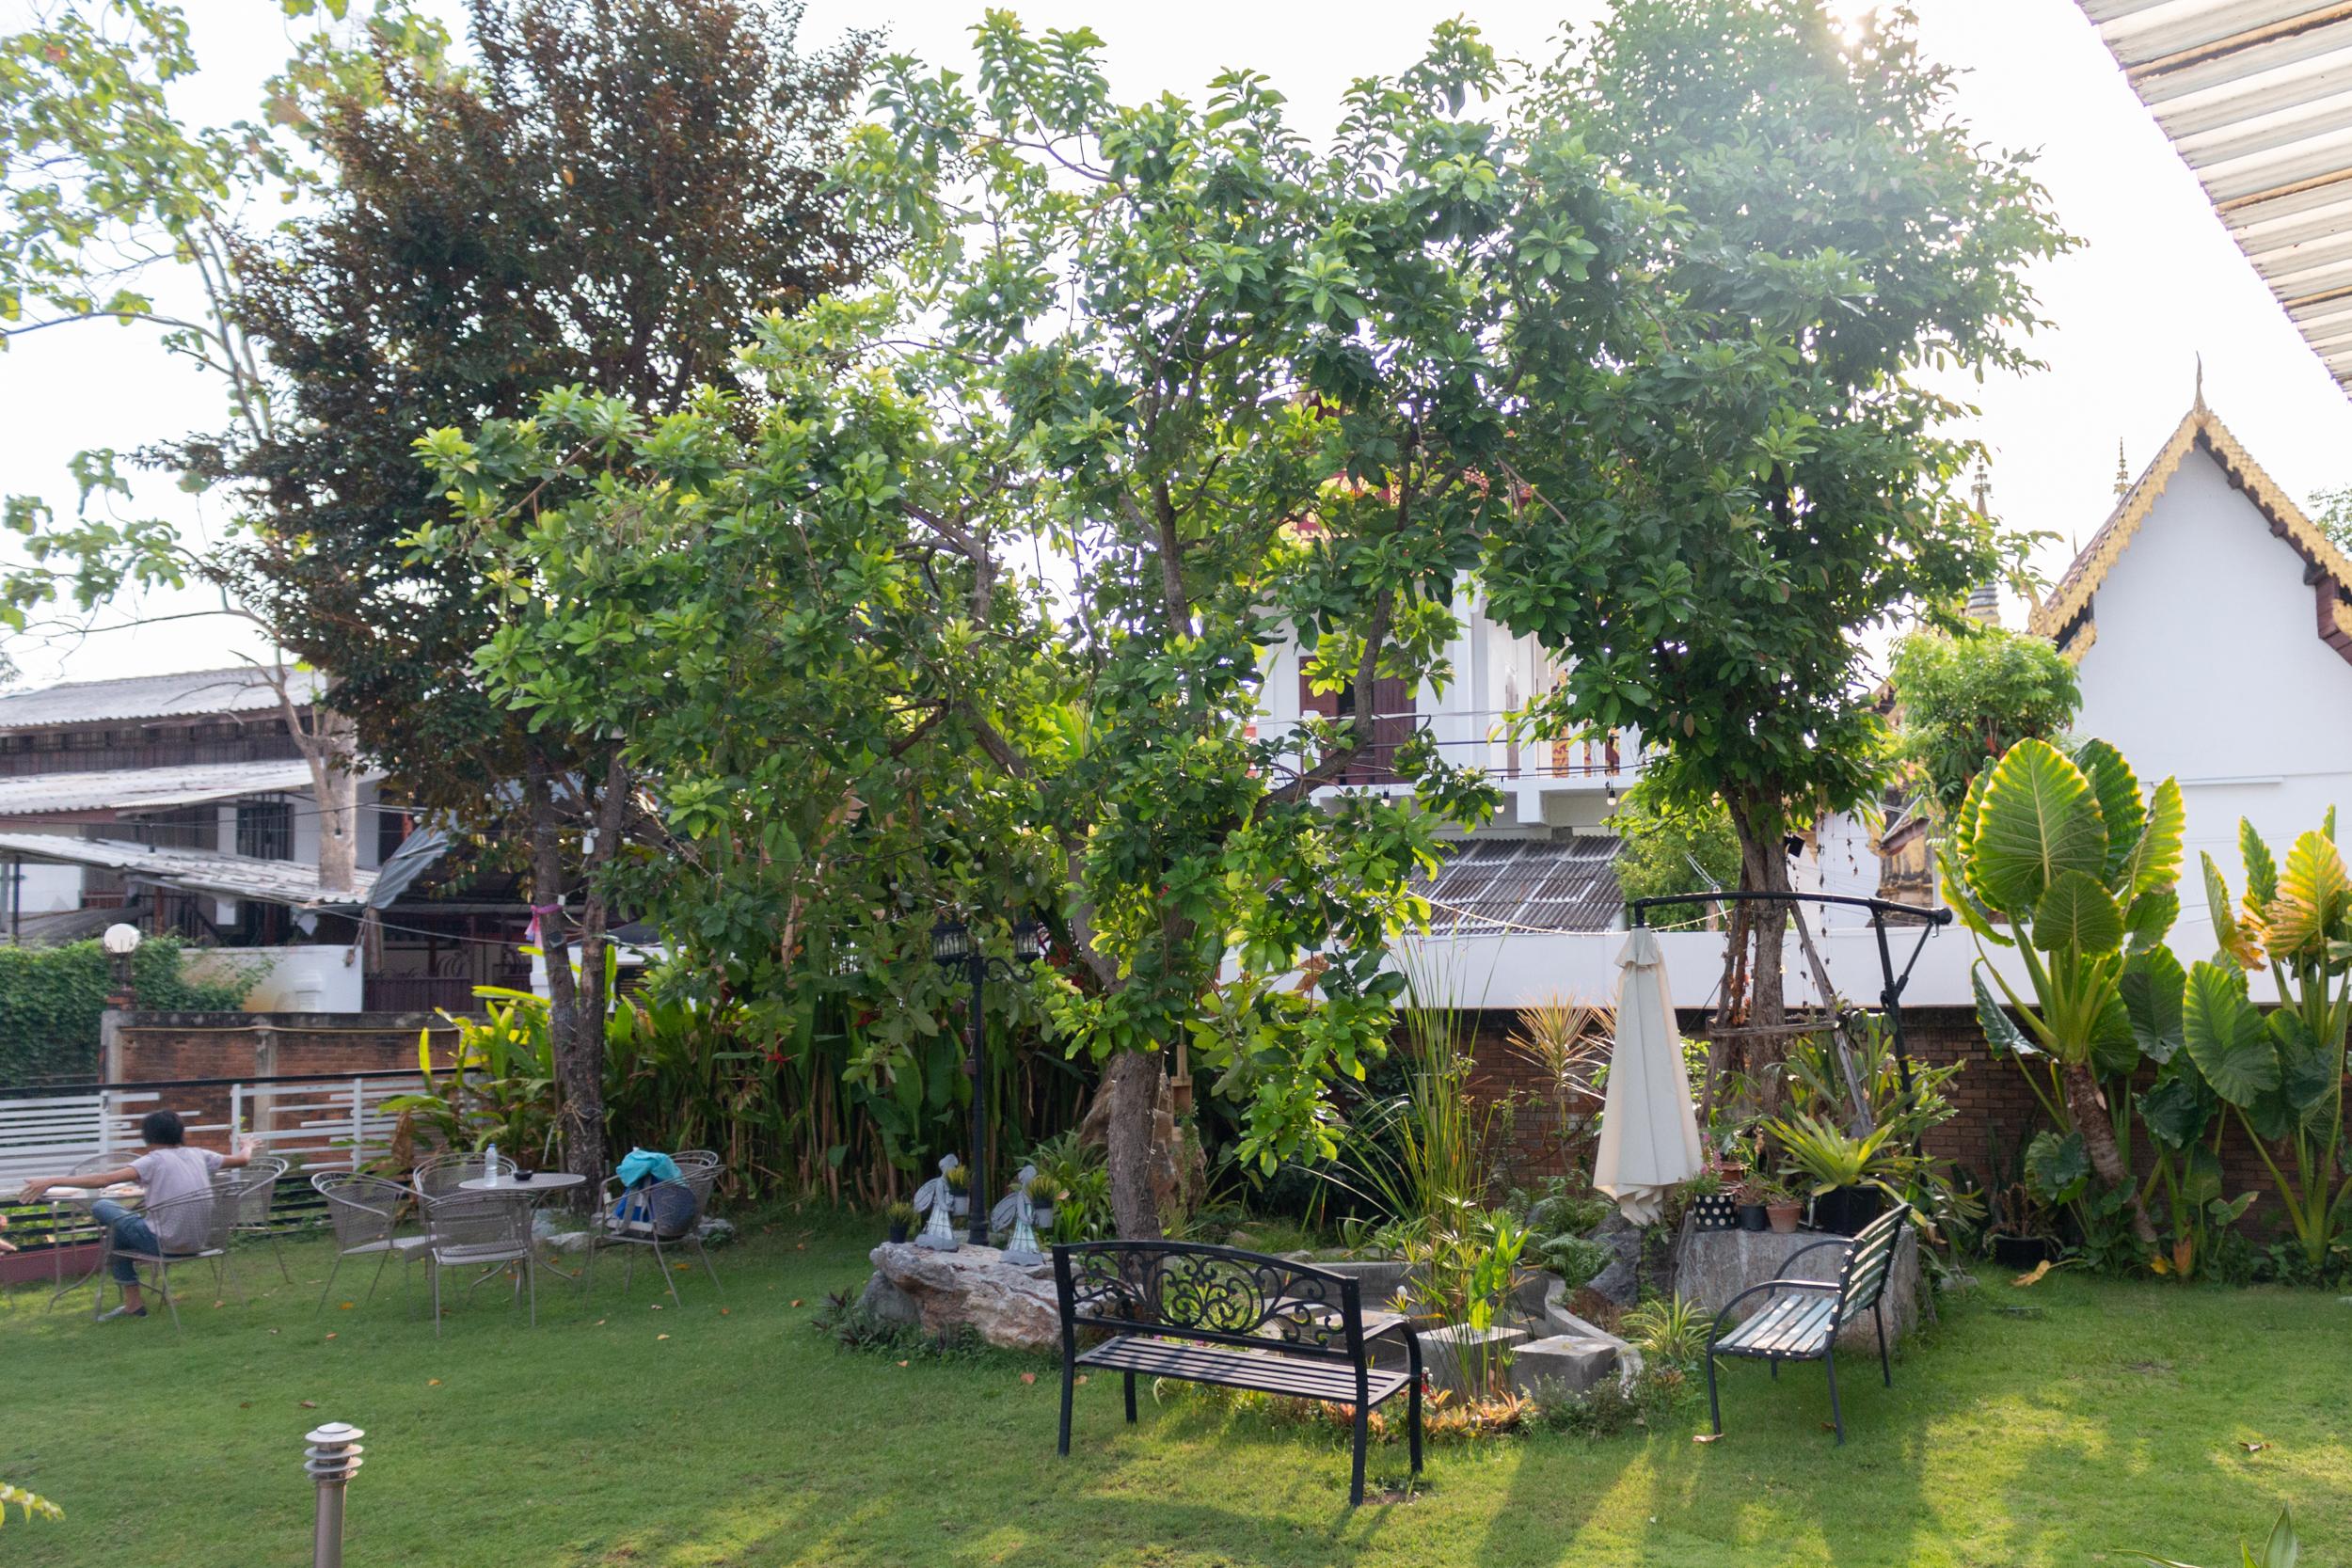 Sherloft Hostel - A home away from home